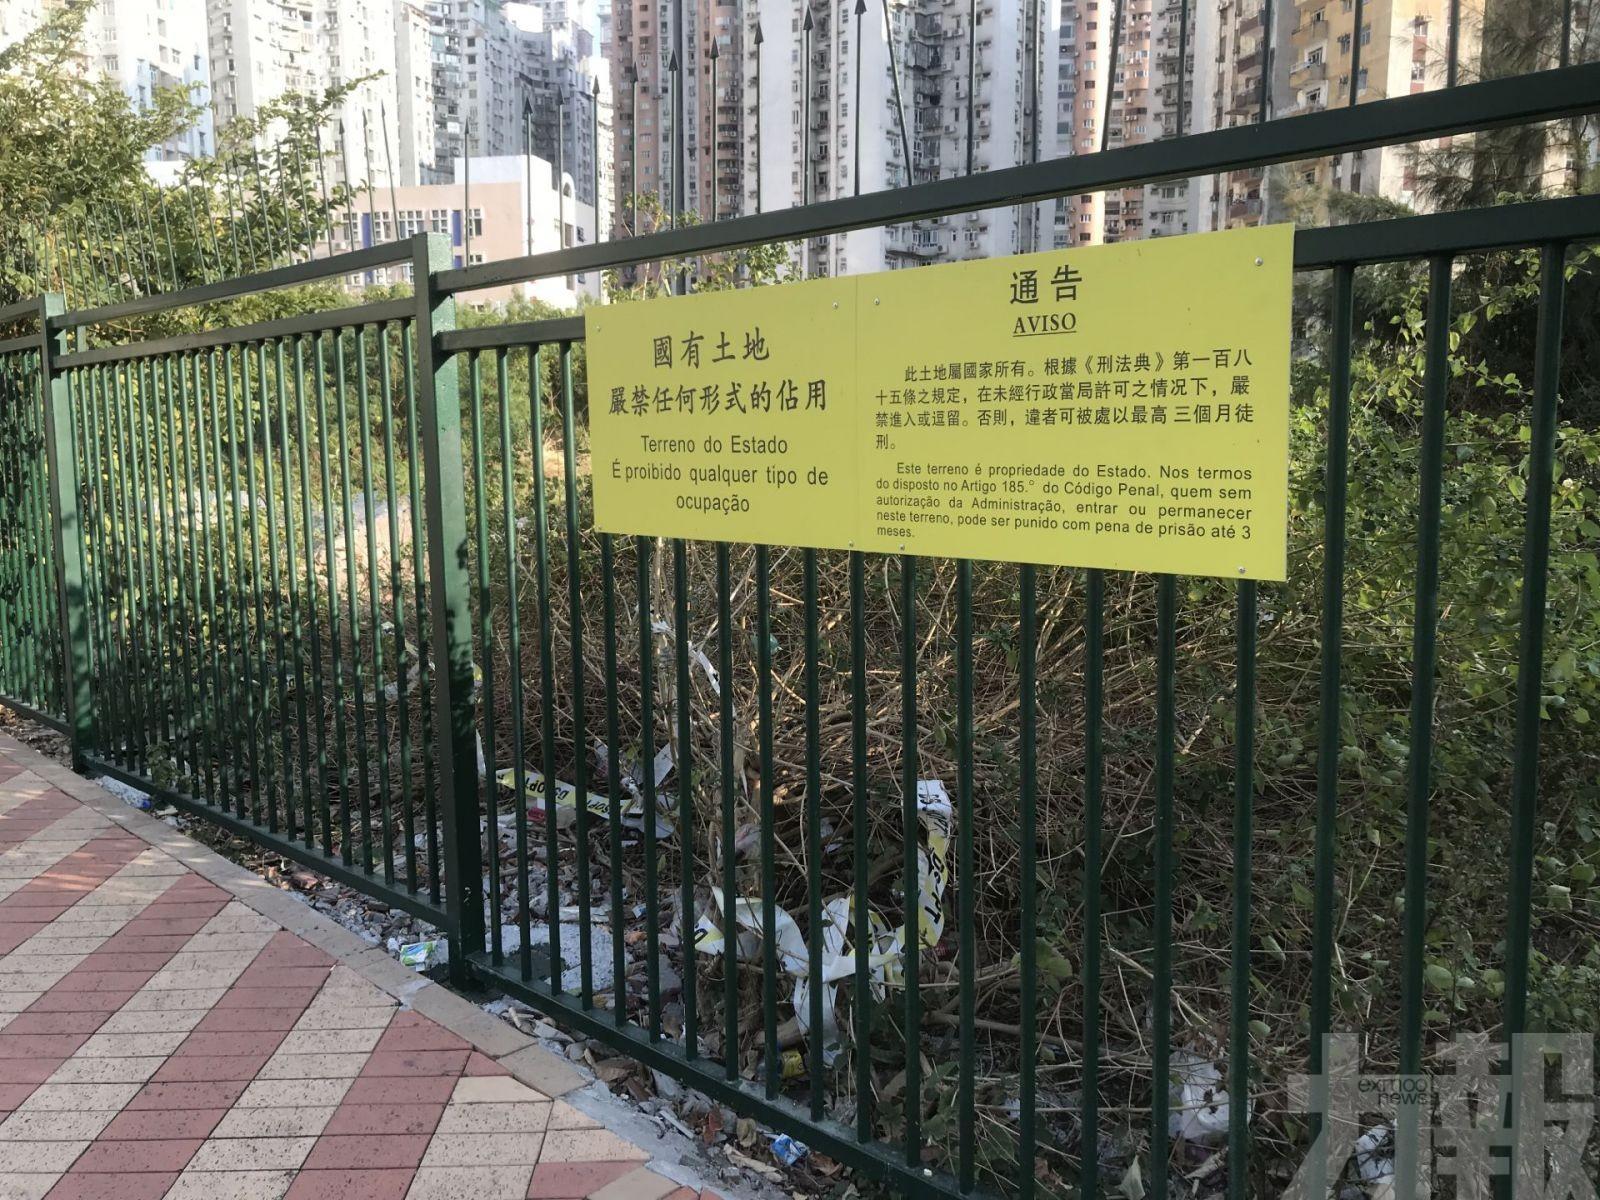 街總促政府加快規劃土地發展